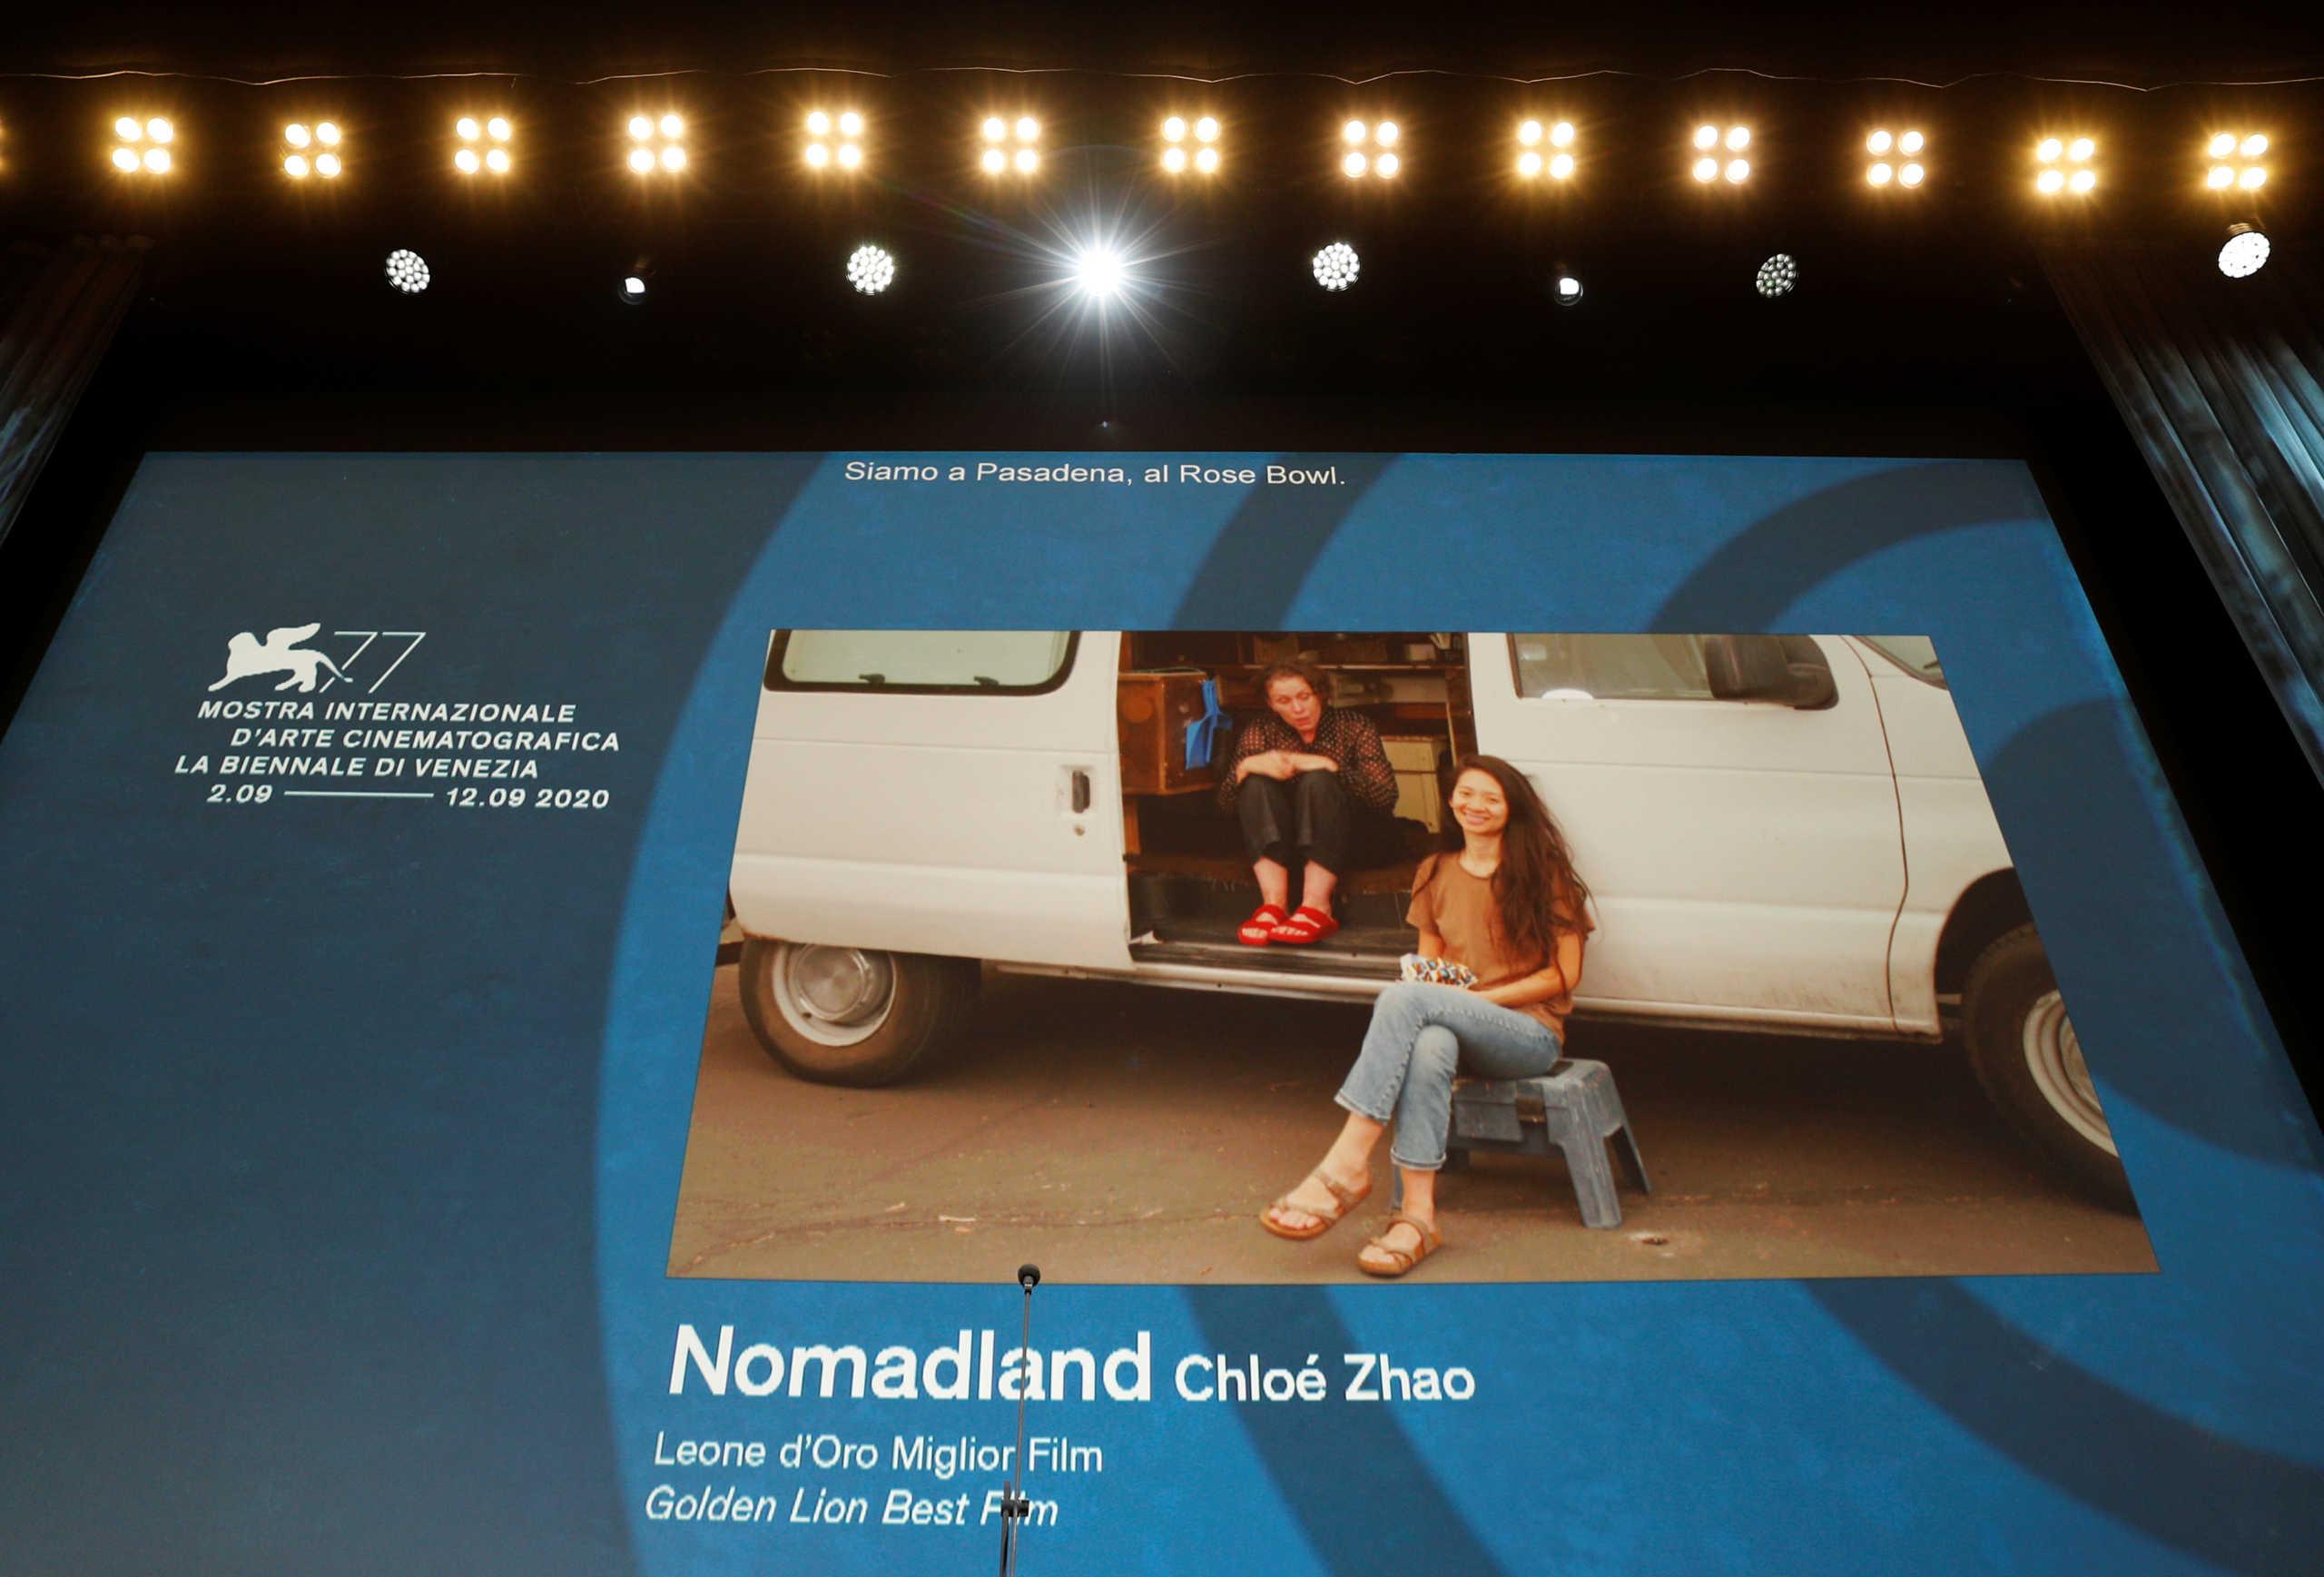 77ο Φεστιβάλ Κινηματογράφου Βενετίας: Ο Χρυσός Λέοντας στο «Nomadland» της Κλόε Ζάο